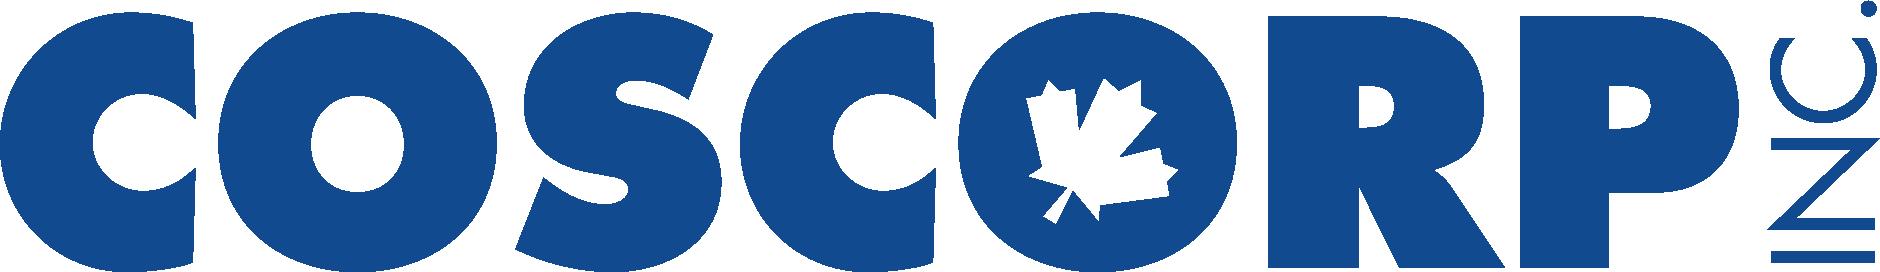 Coscorp